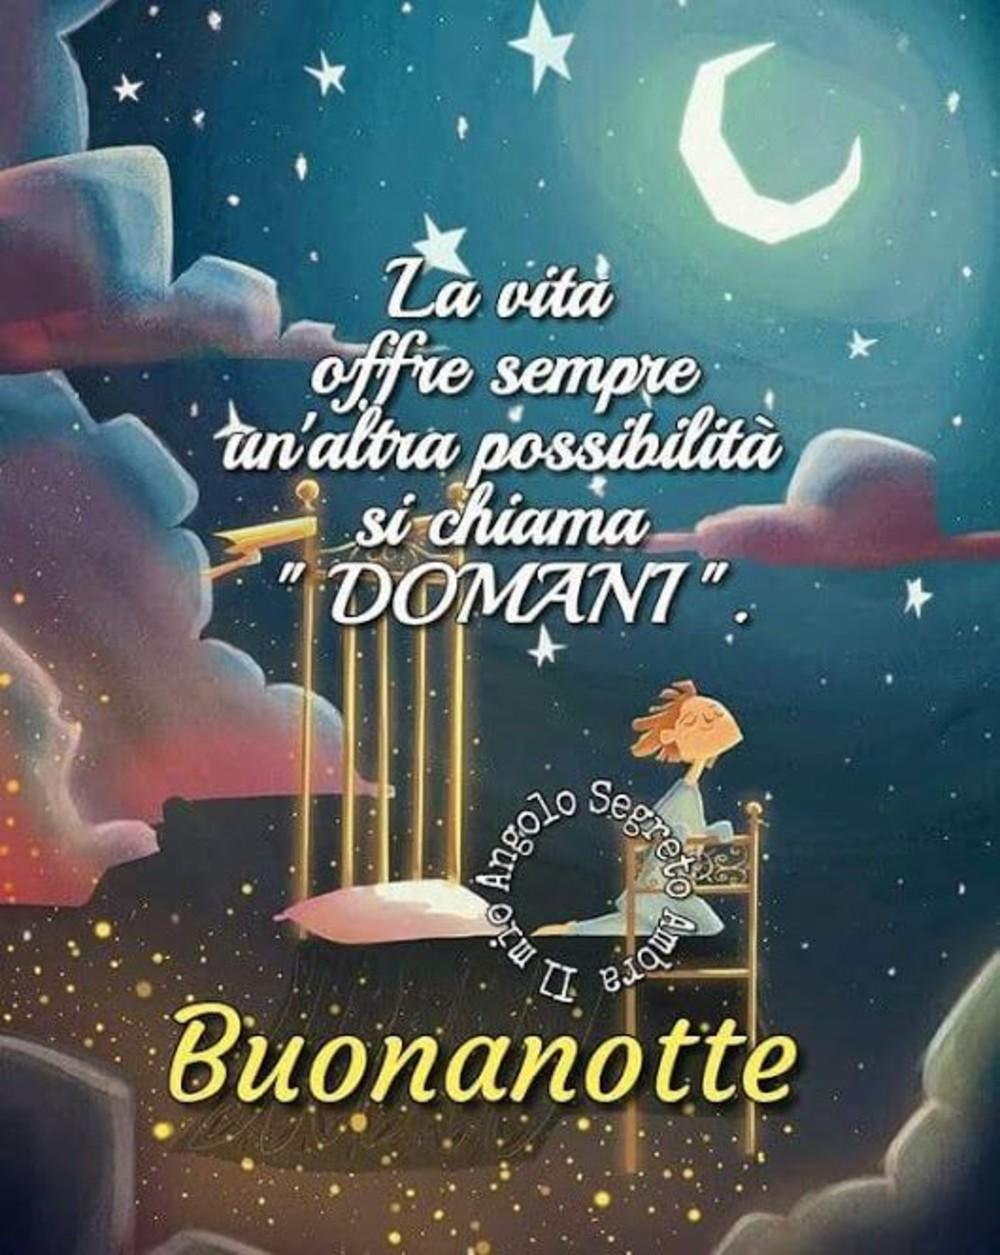 Immagini Di Buonanotte Belle Da Scaricare Gratis Pagina 75 Di 76